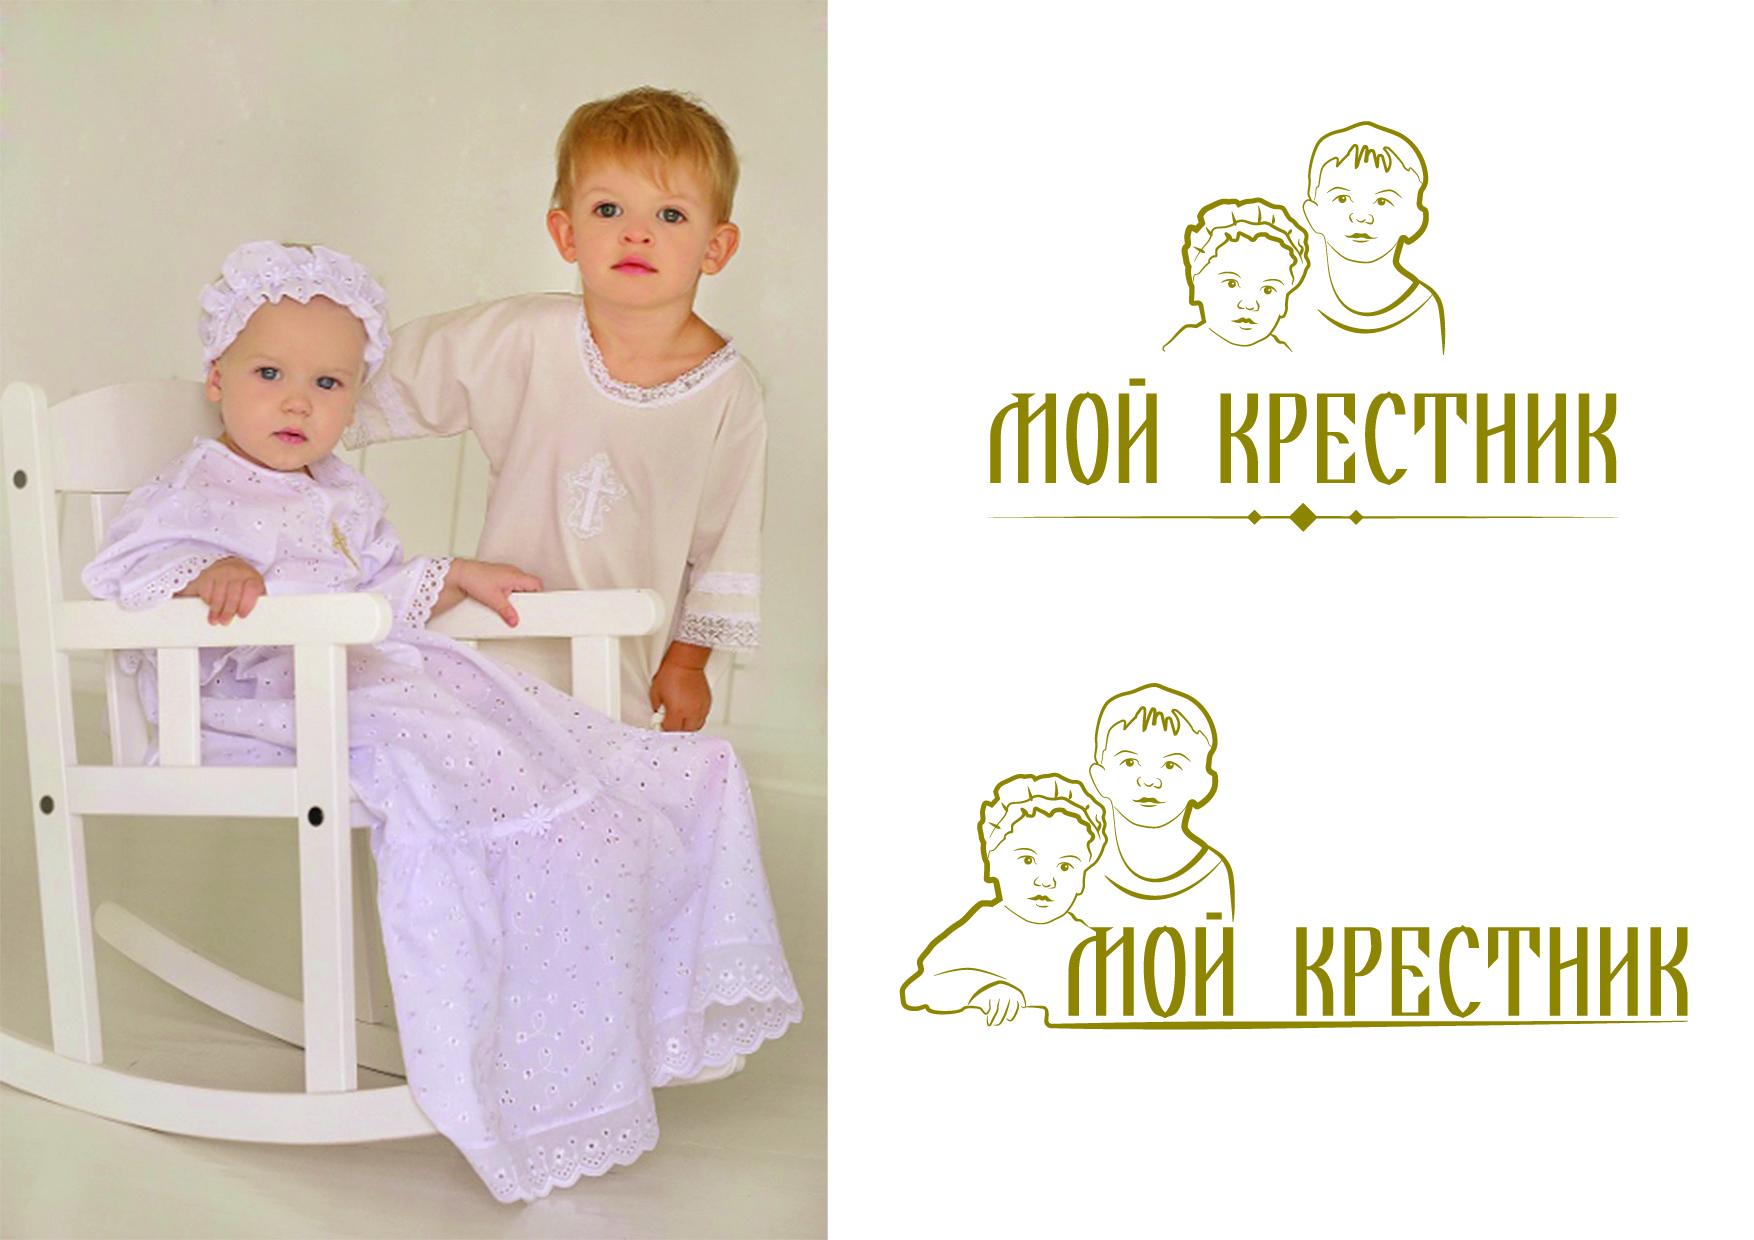 Логотип для крестильной одежды(детской). фото f_7405d4d410df3a96.jpg